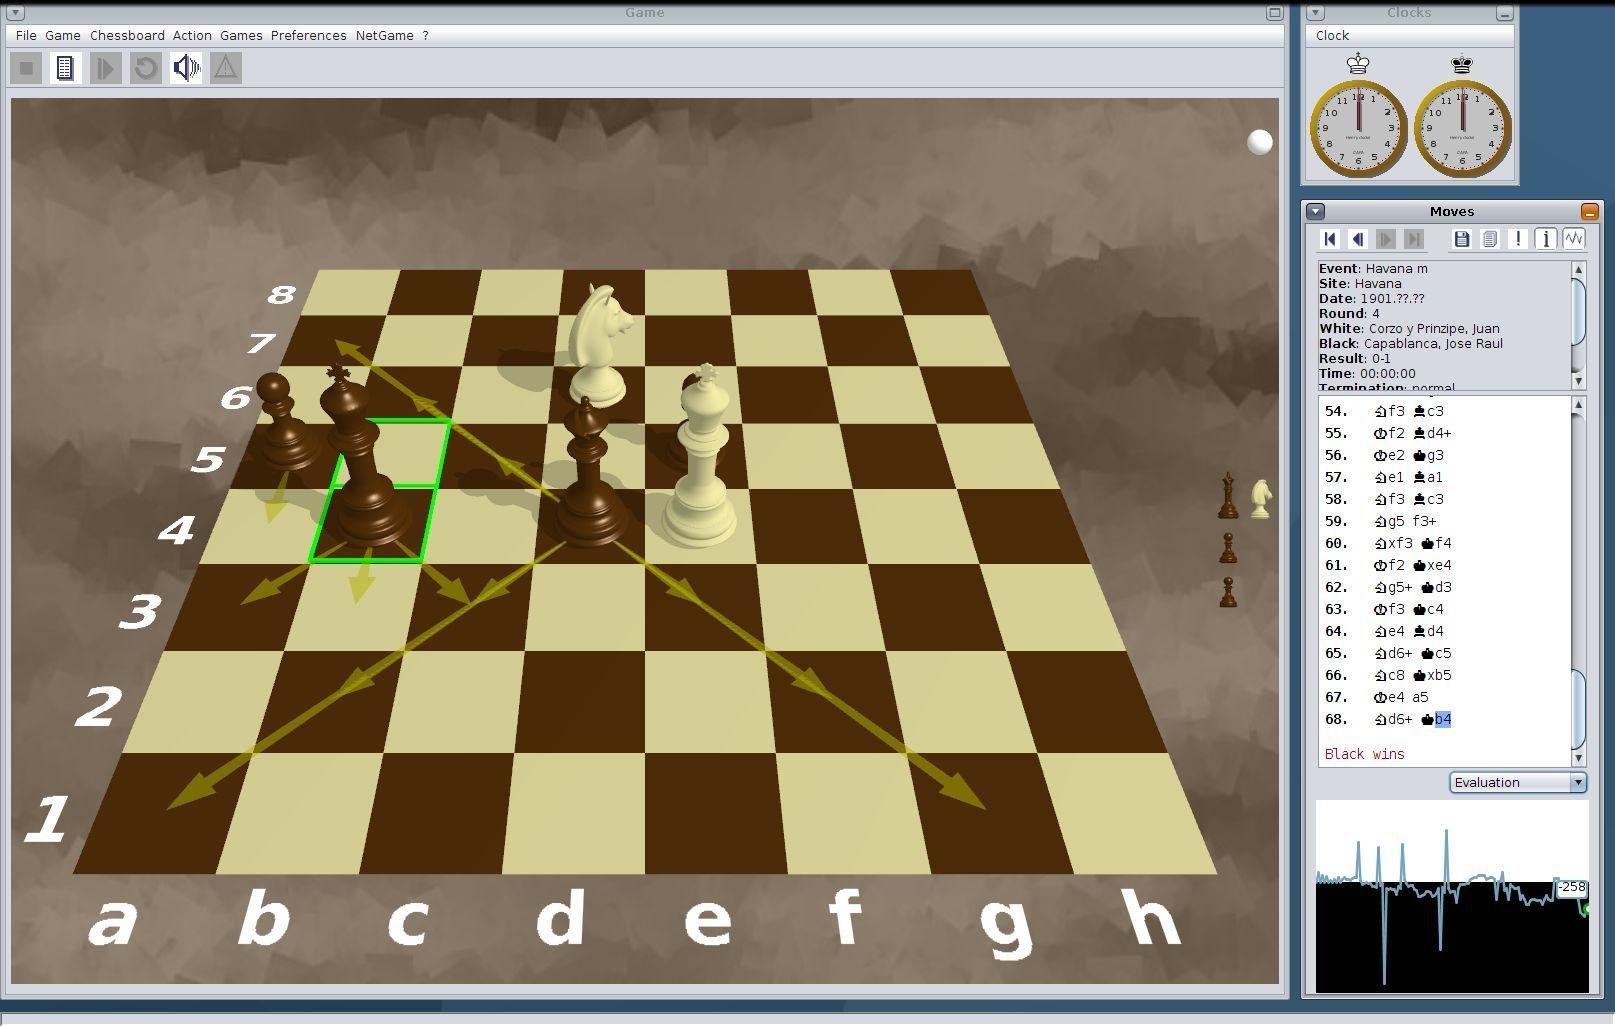 Capa chess Screenshot_main